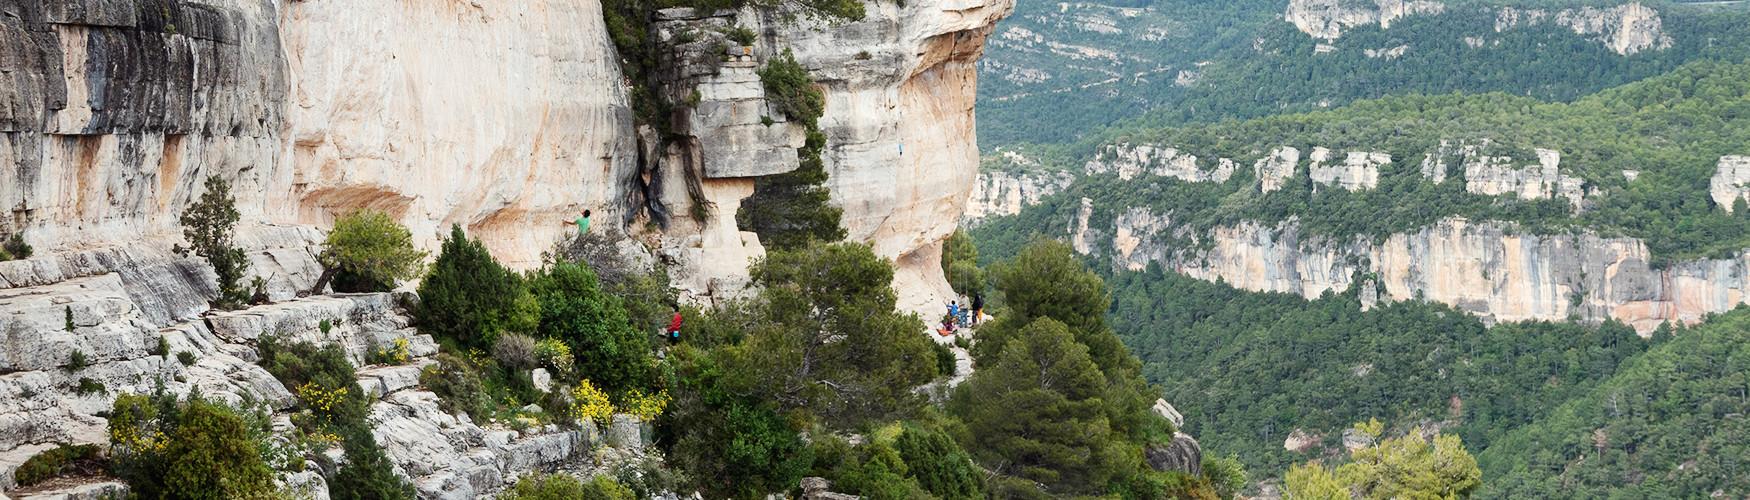 Kletterreise Katalonien, Spanien